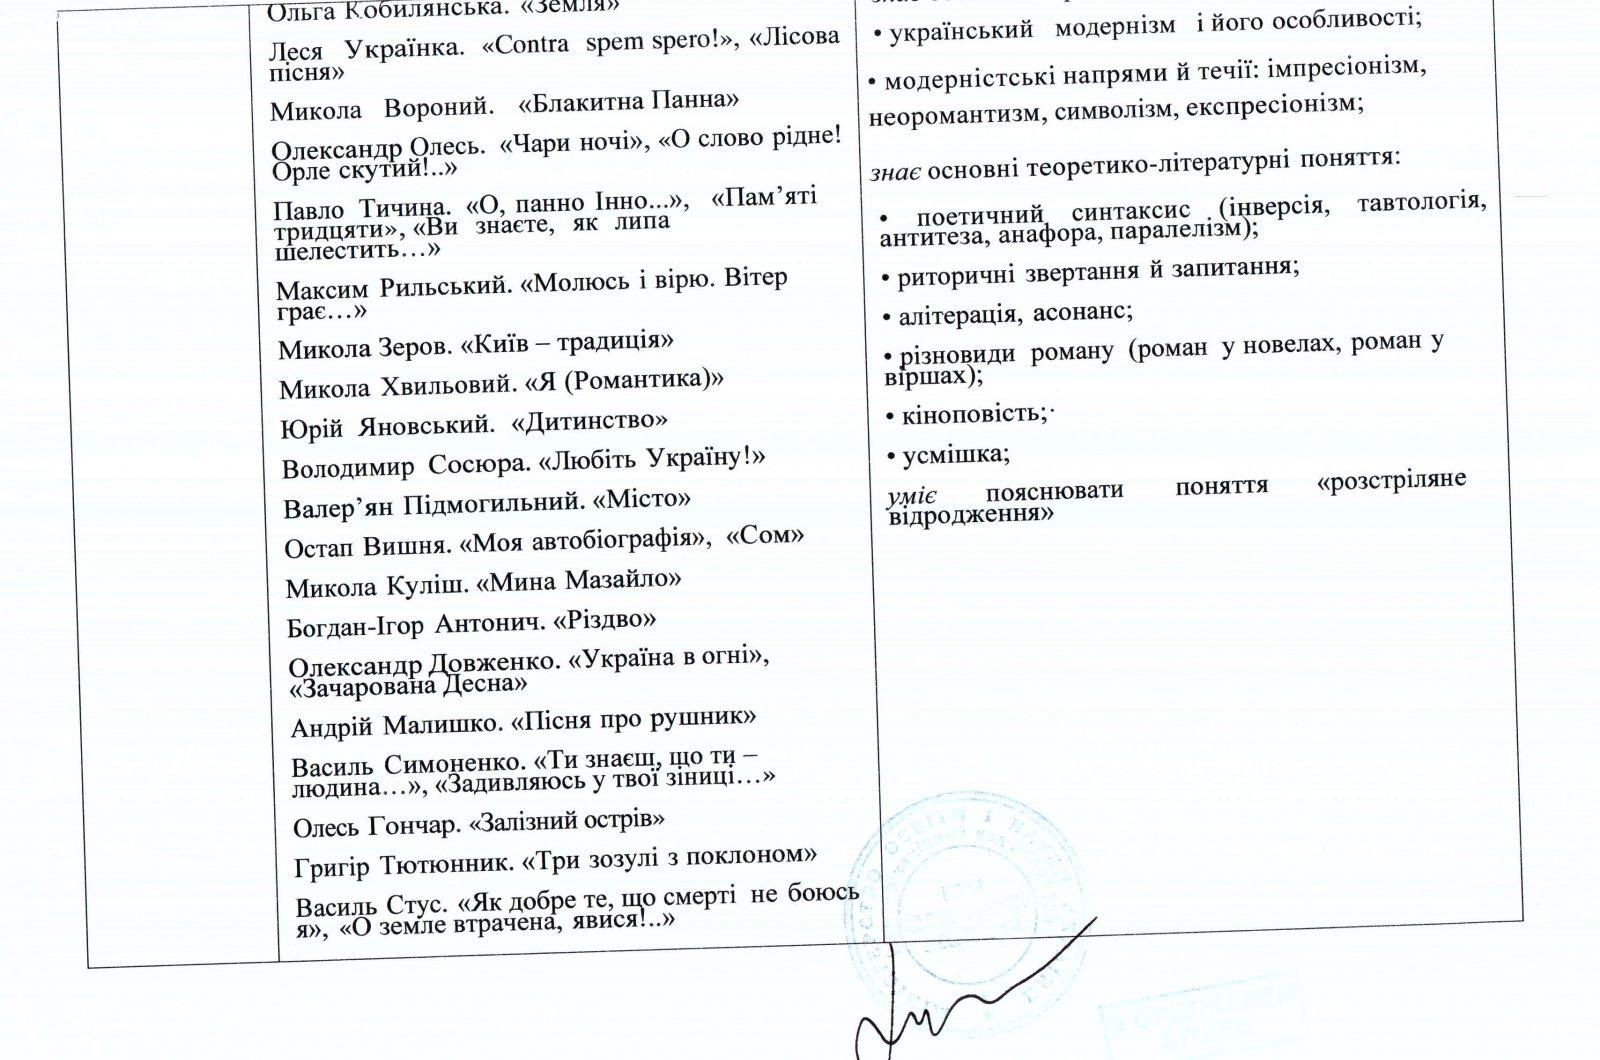 ukr (13)